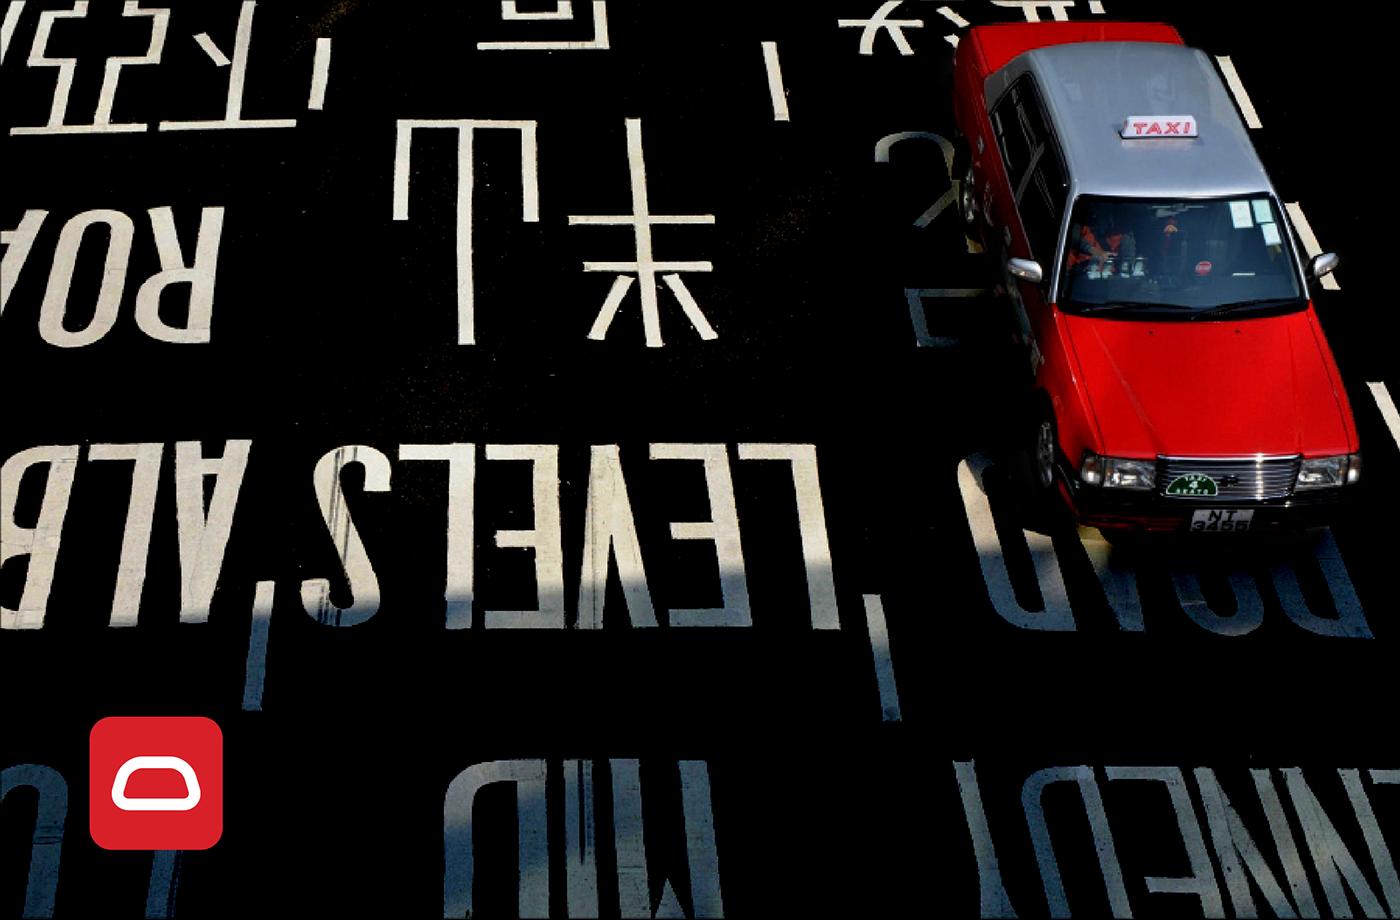 app icon Hong Kong hongkong logo minimal taxi Transport car road